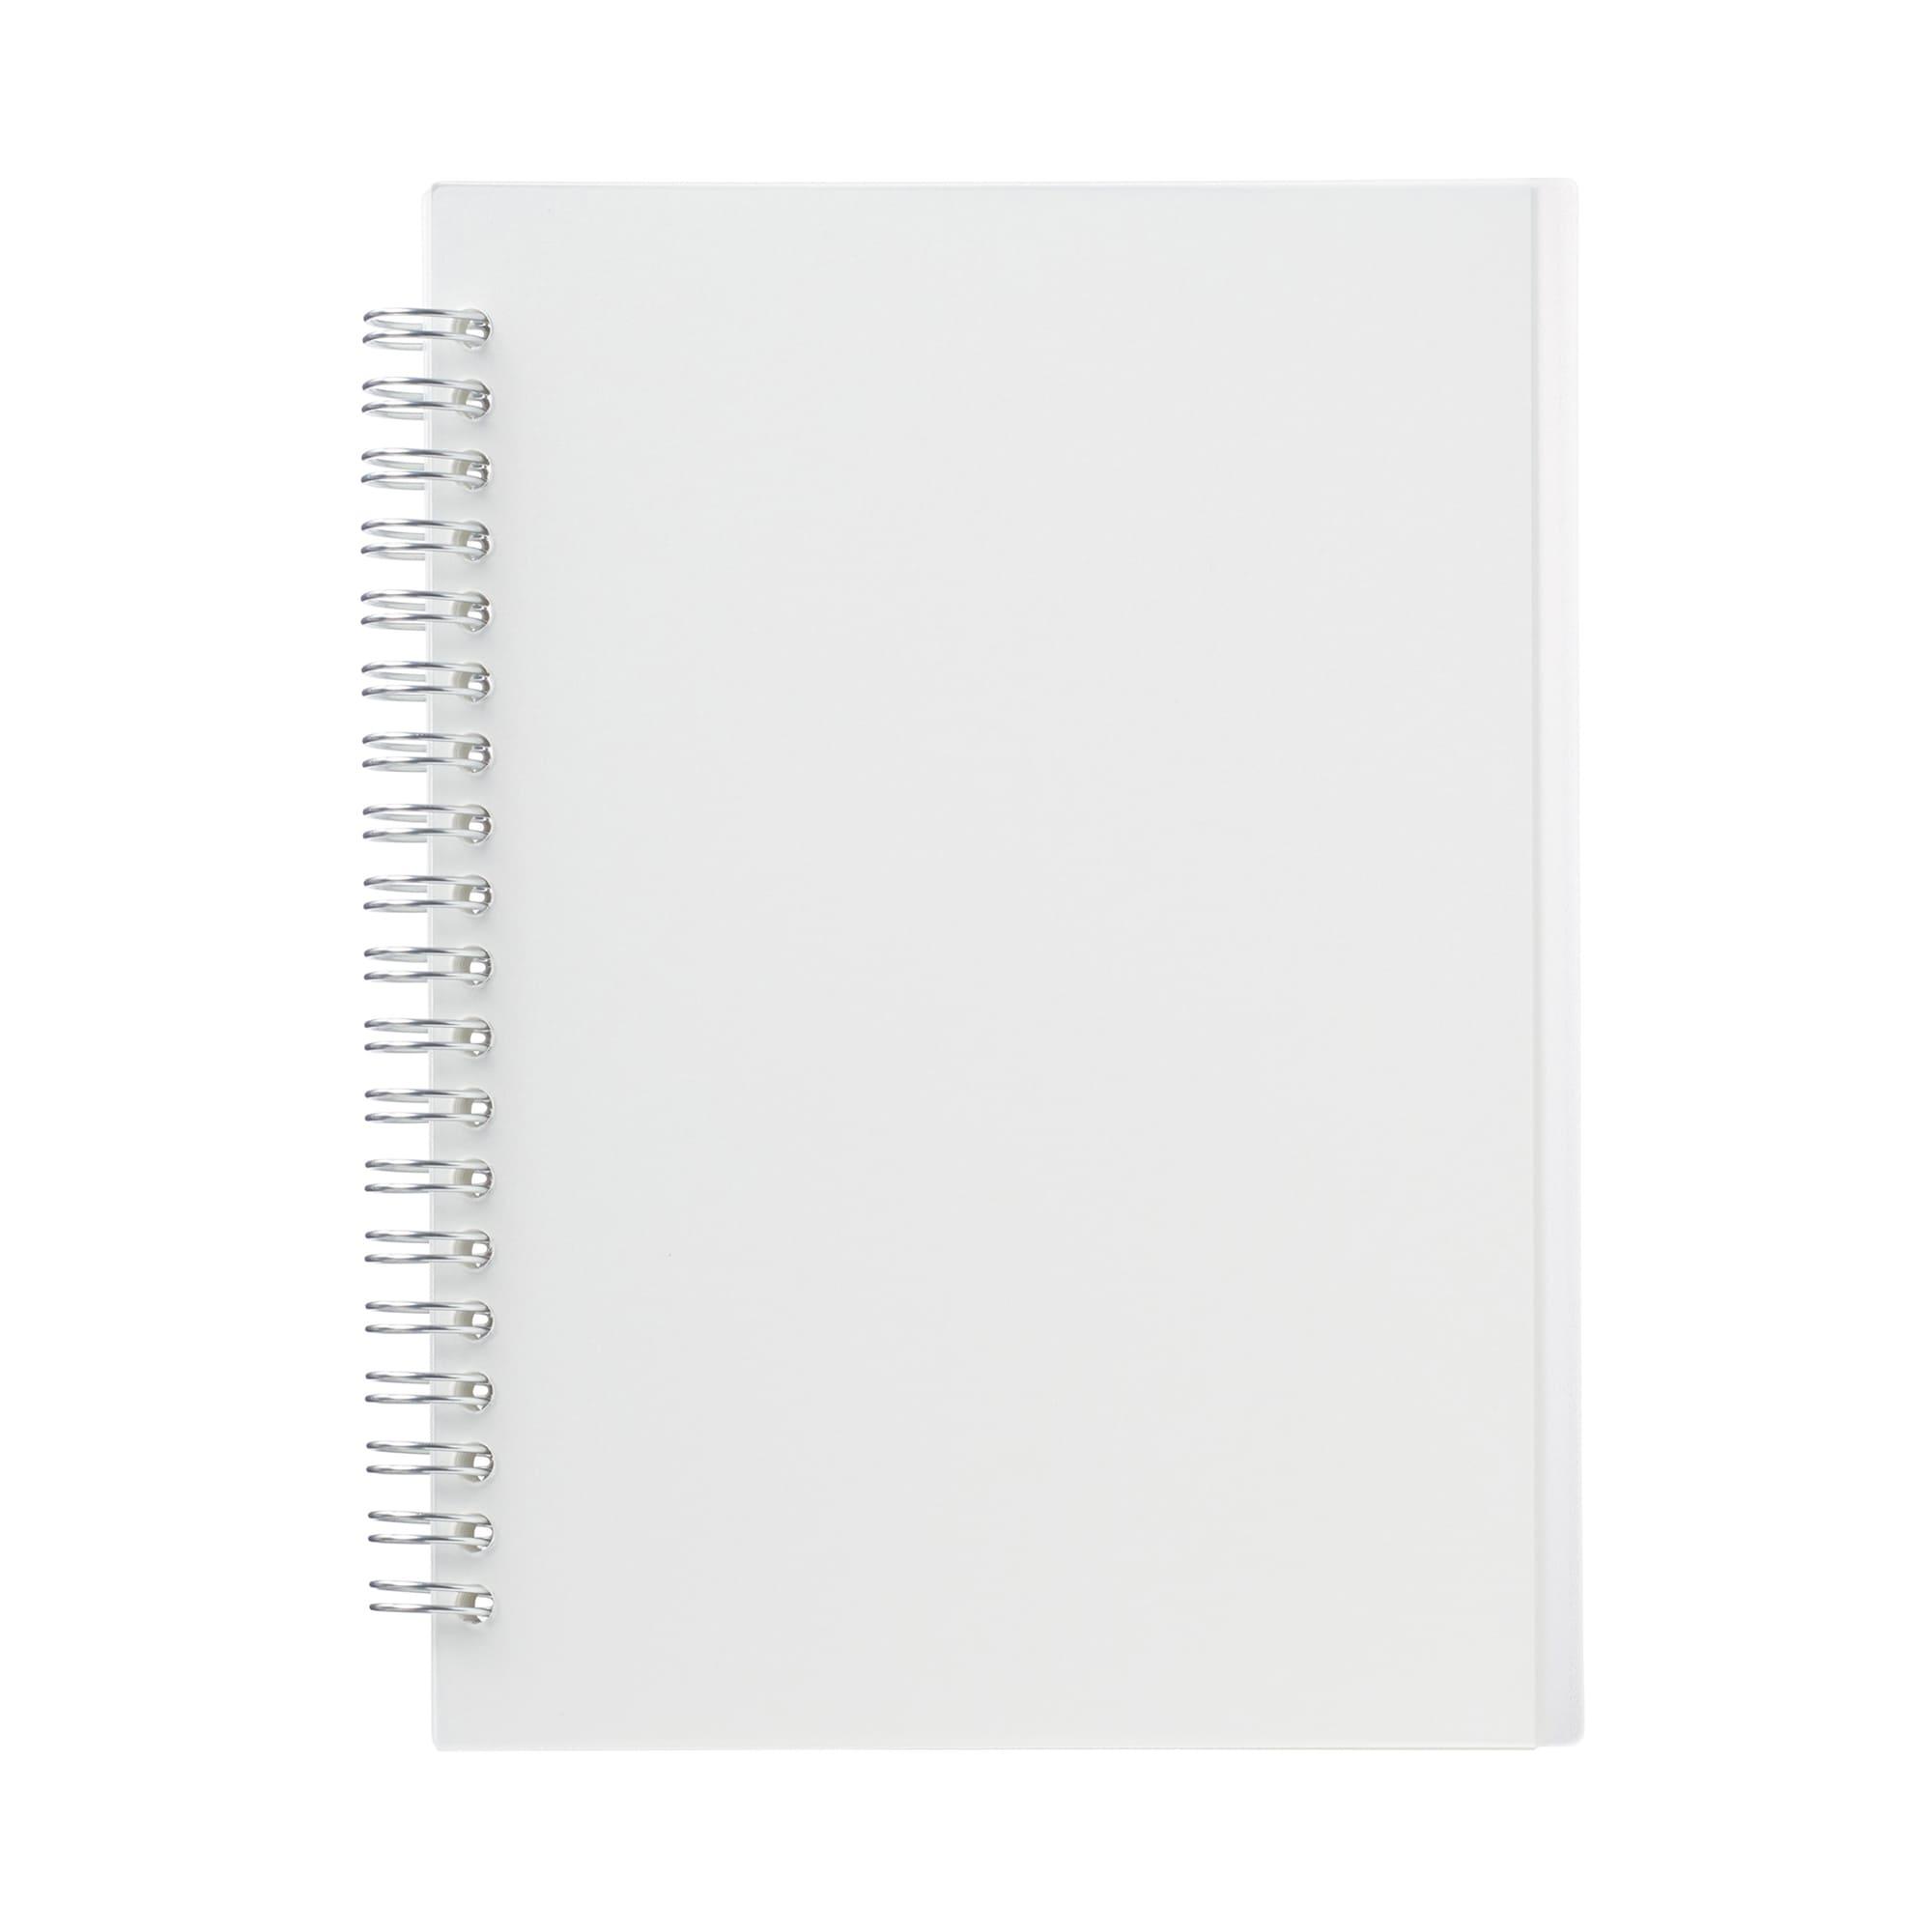 ポリプロピレンカバーダブルリングノート・ドット方眼 本文A5サイズ・白・90枚